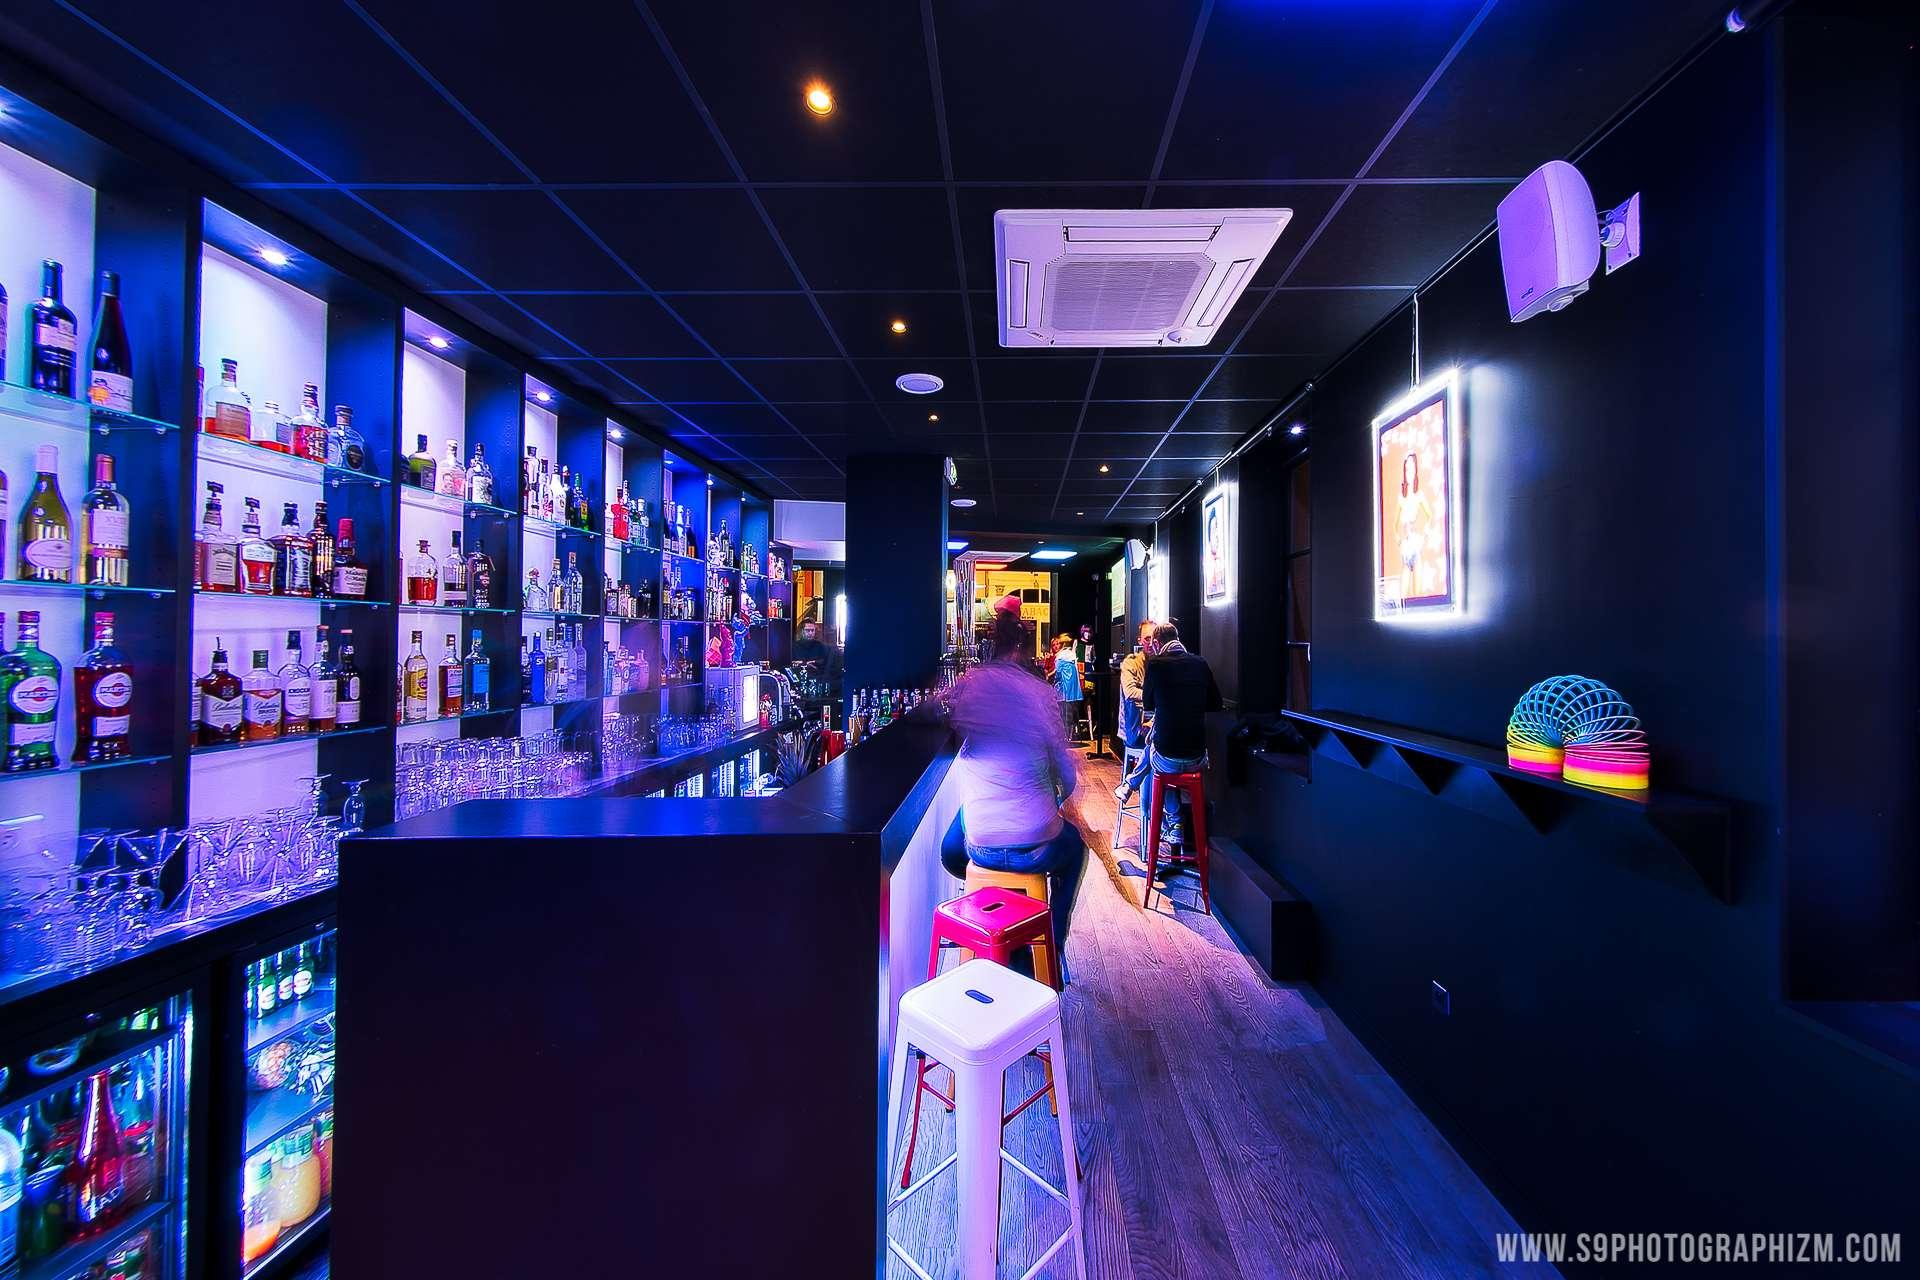 s9photographizm photographe Architecture, corporate et événementiel sur Lille et la région hauts de France